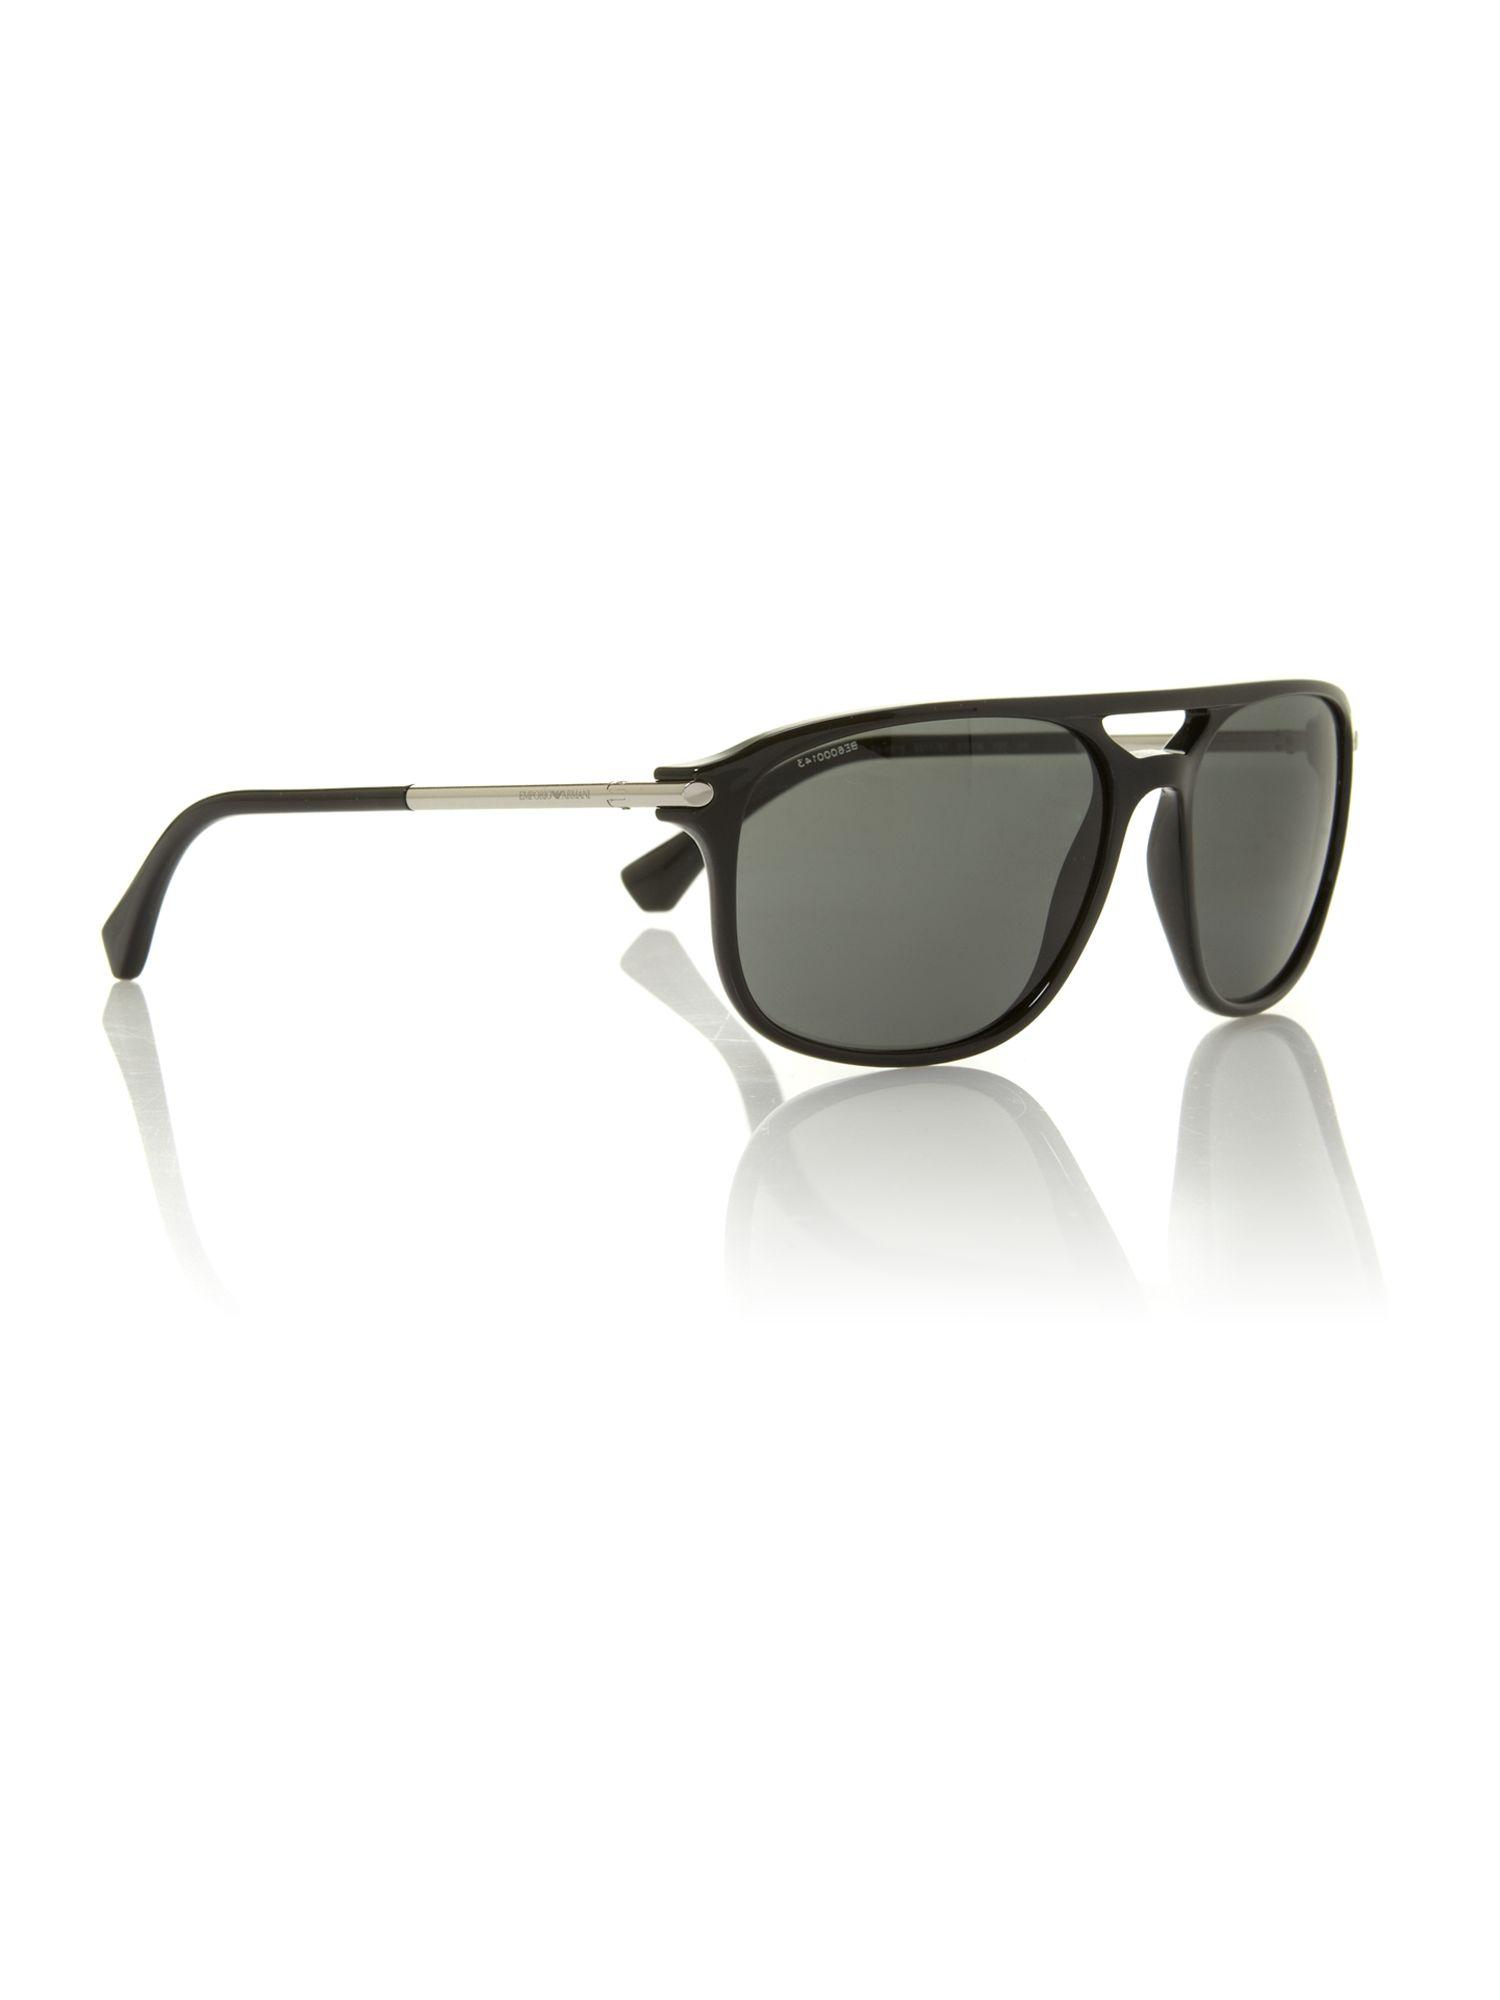 81e638f8cb0 Emporio Armani Men s Sunglasses Black - Bitterroot Public Library